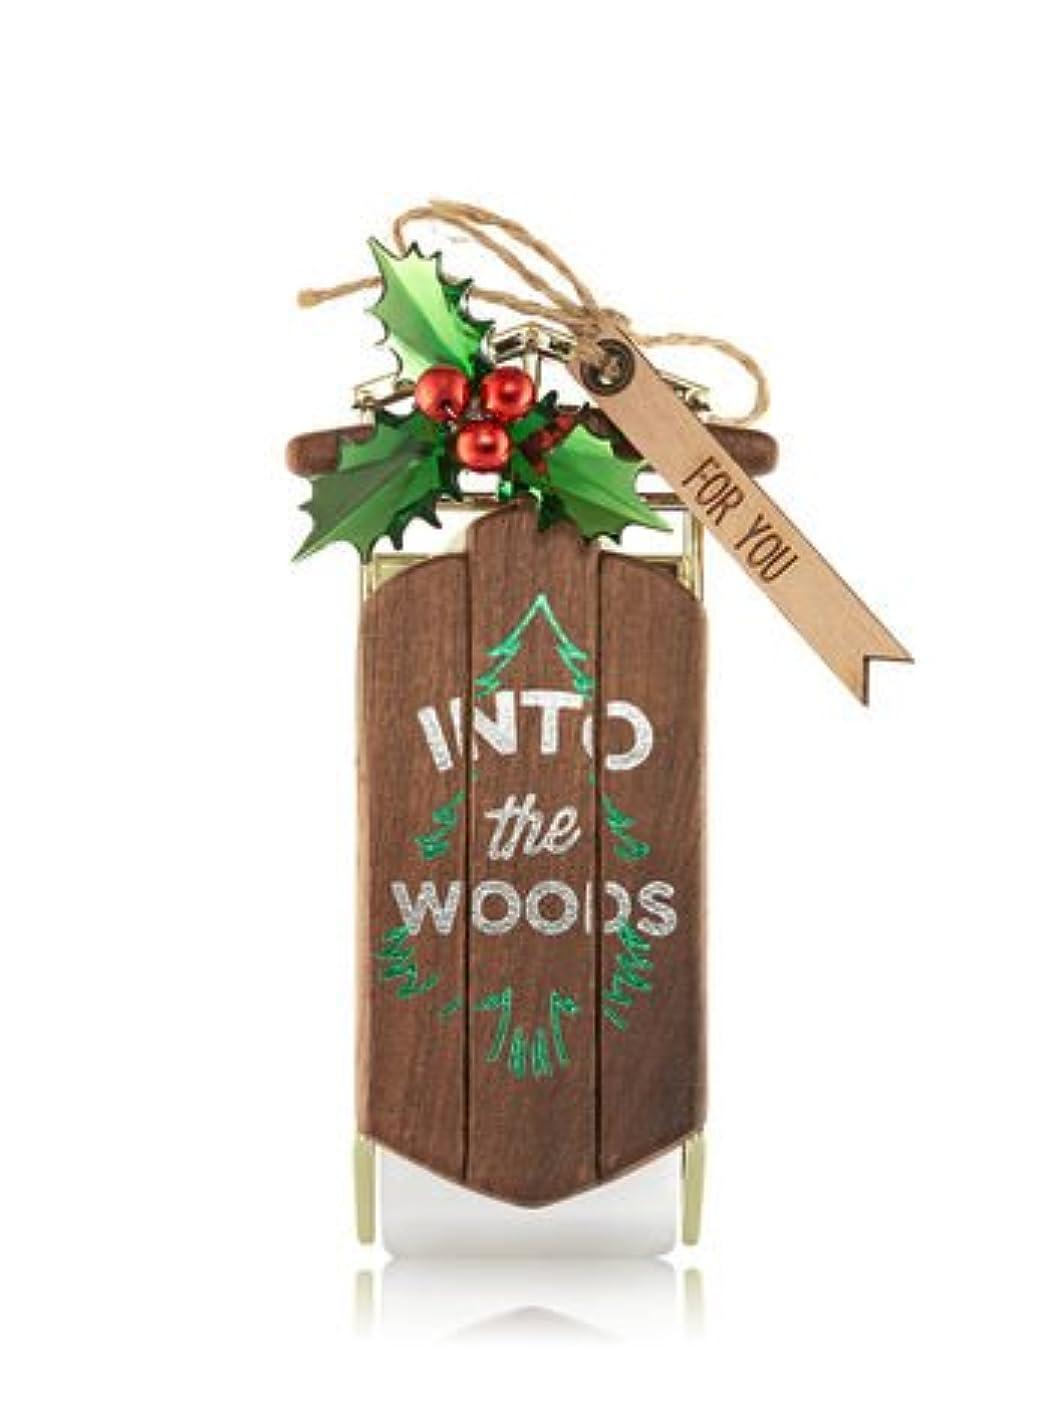 下品ハリウッド論文【Bath&Body Works/バス&ボディワークス】 ルームフレグランス プラグインスターター (本体のみ) イントゥーザウッズ Wallflowers Fragrance Plug Into The Woods [...